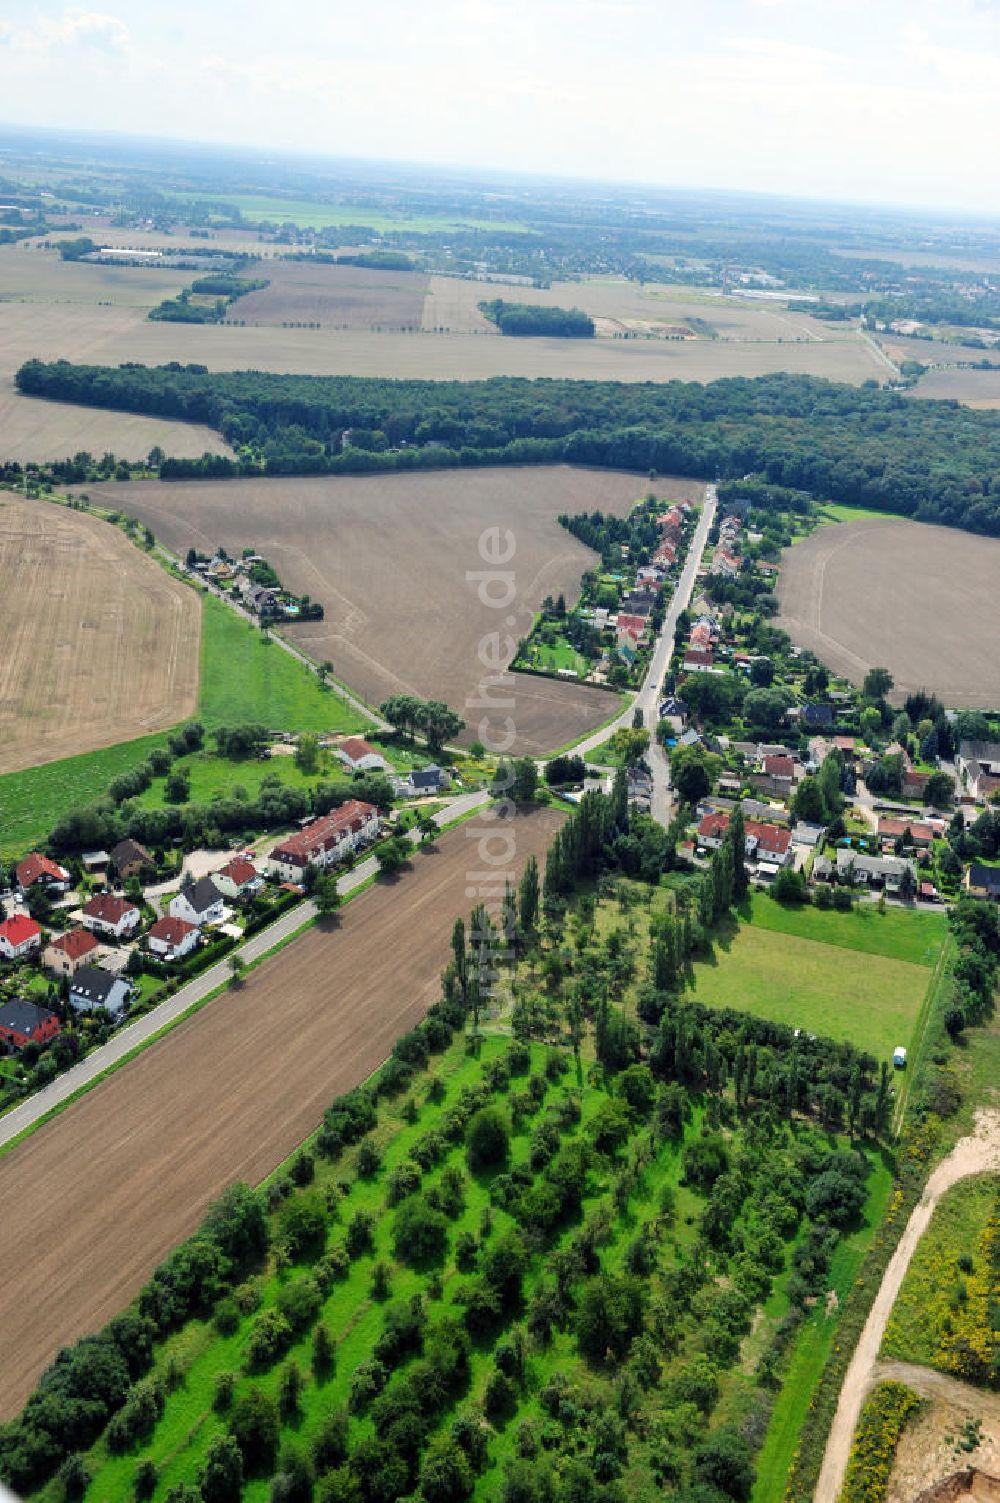 Poenitz